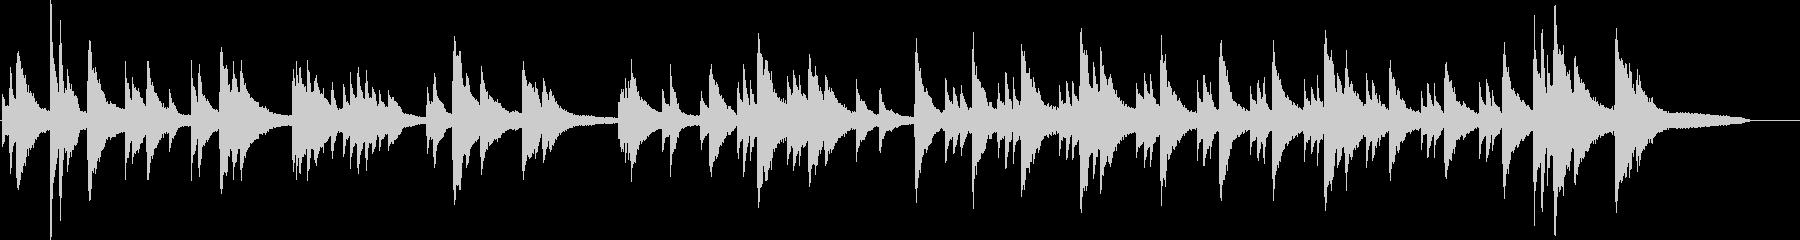 オリジナルのピアノソロの未再生の波形